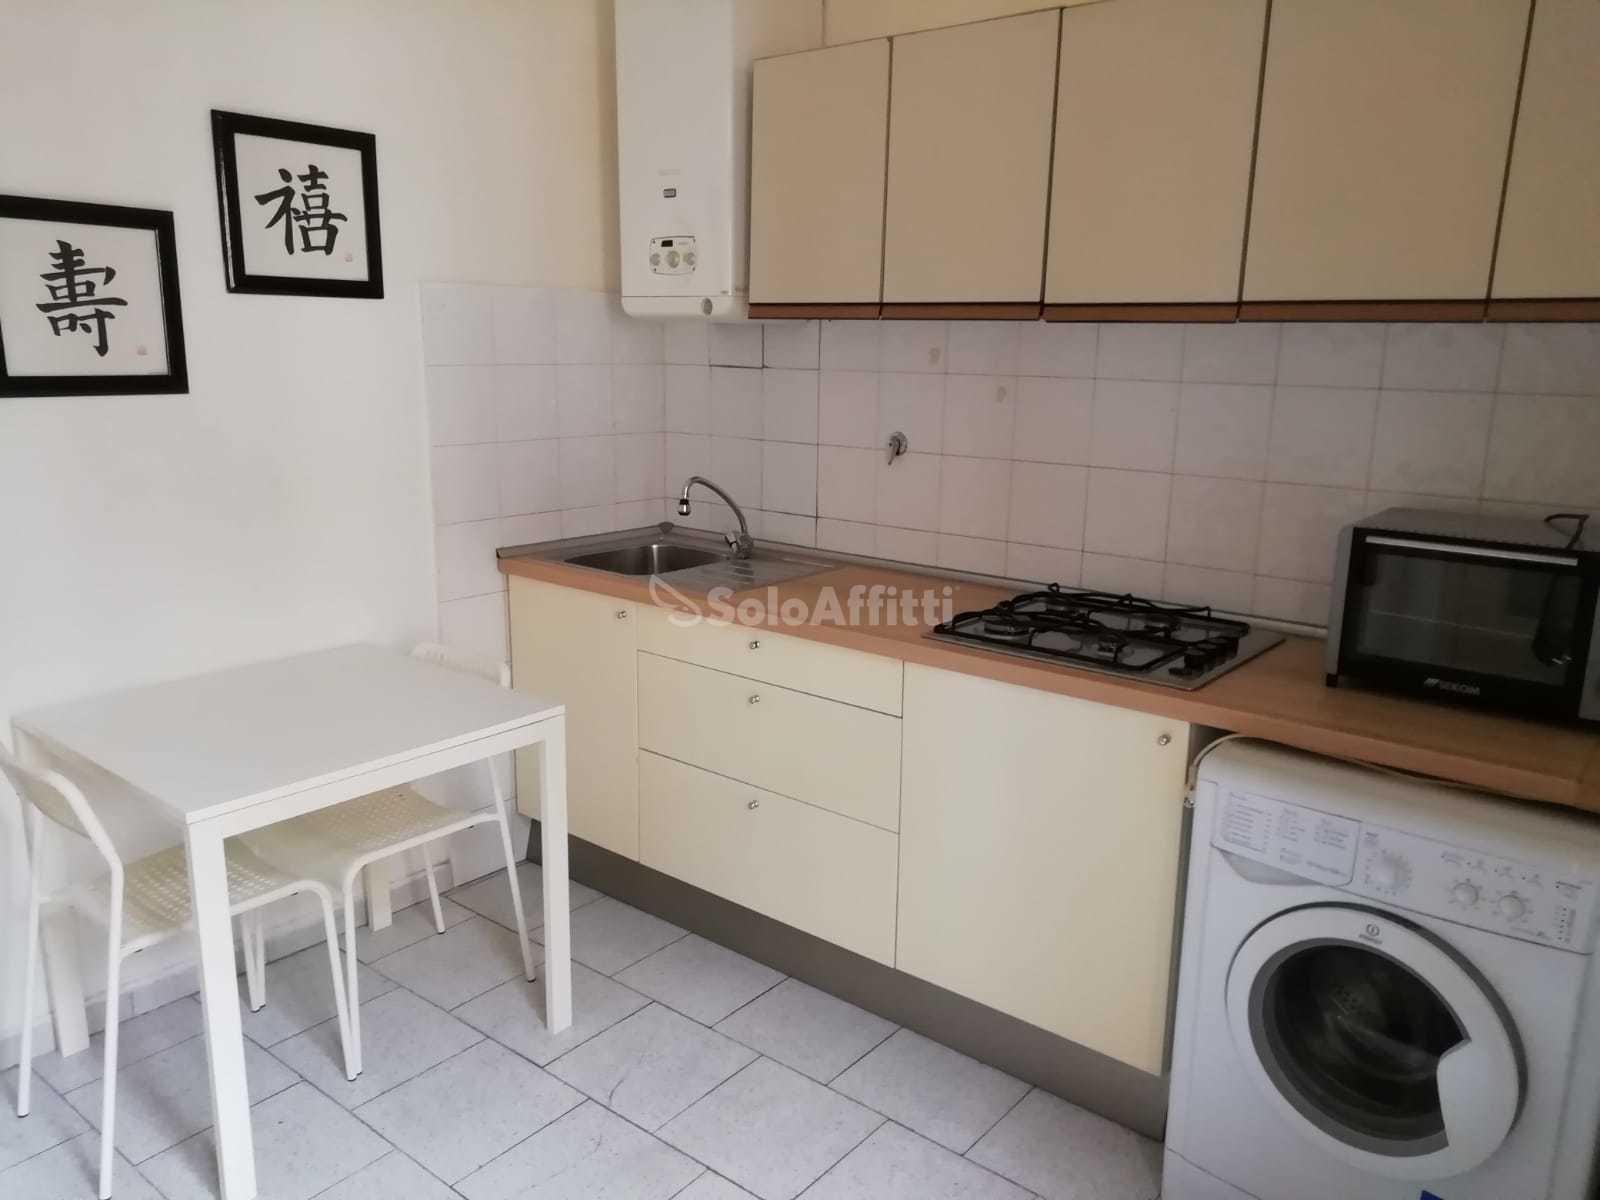 cucina3.jpg